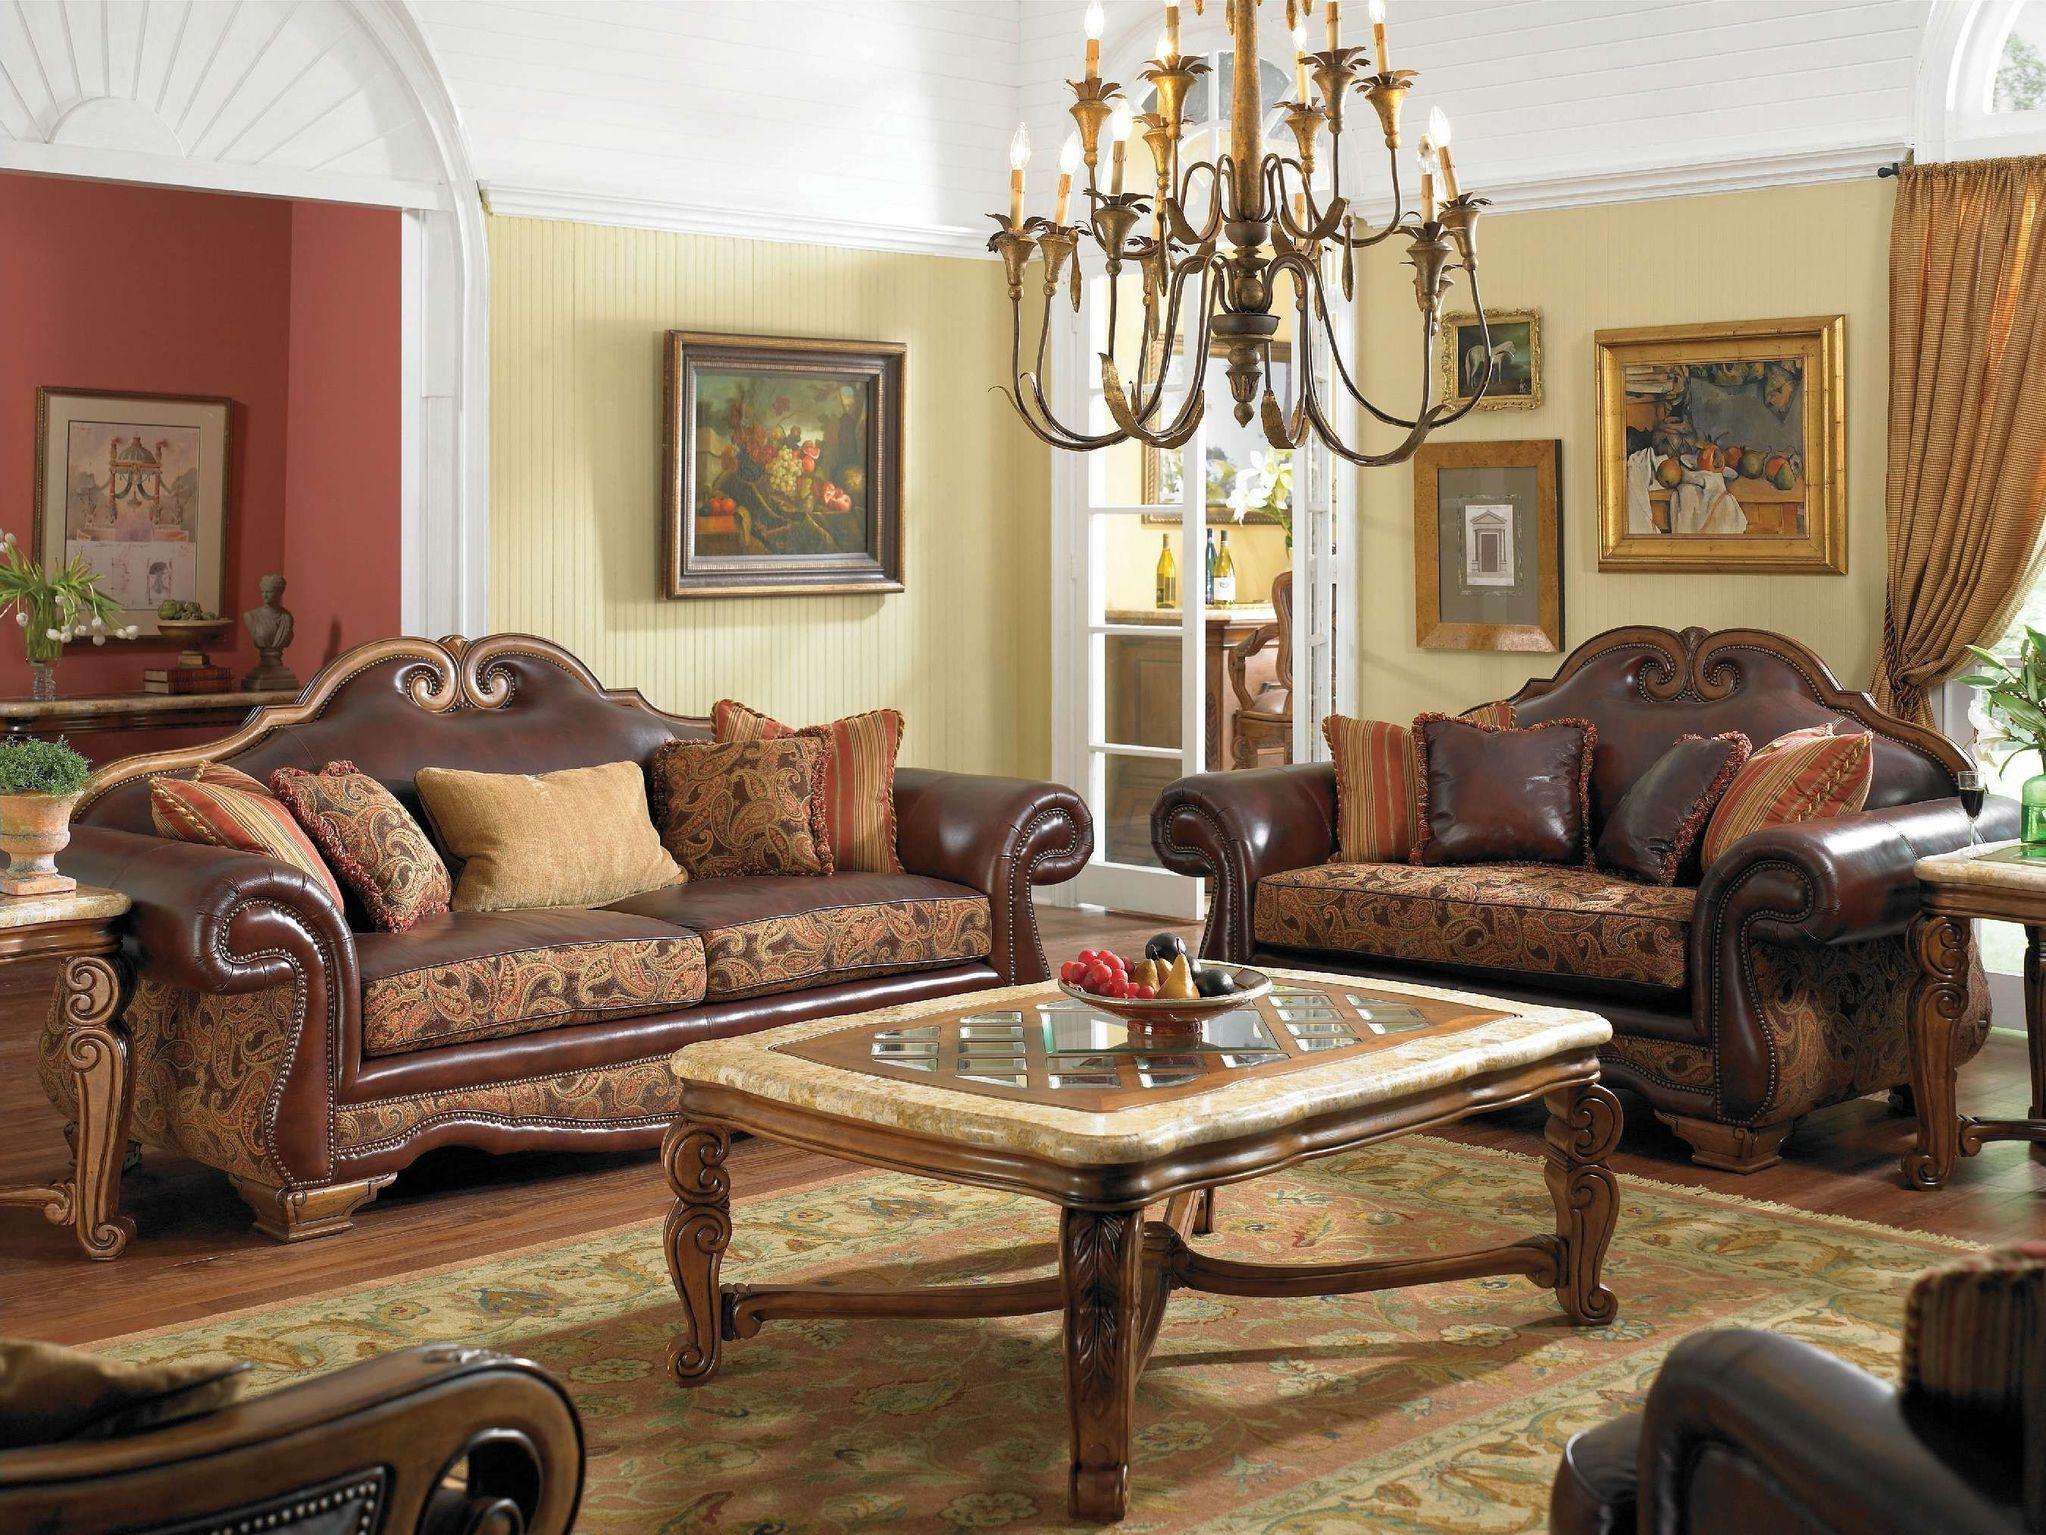 Pleasing Aico Furniture Clearance Furniture